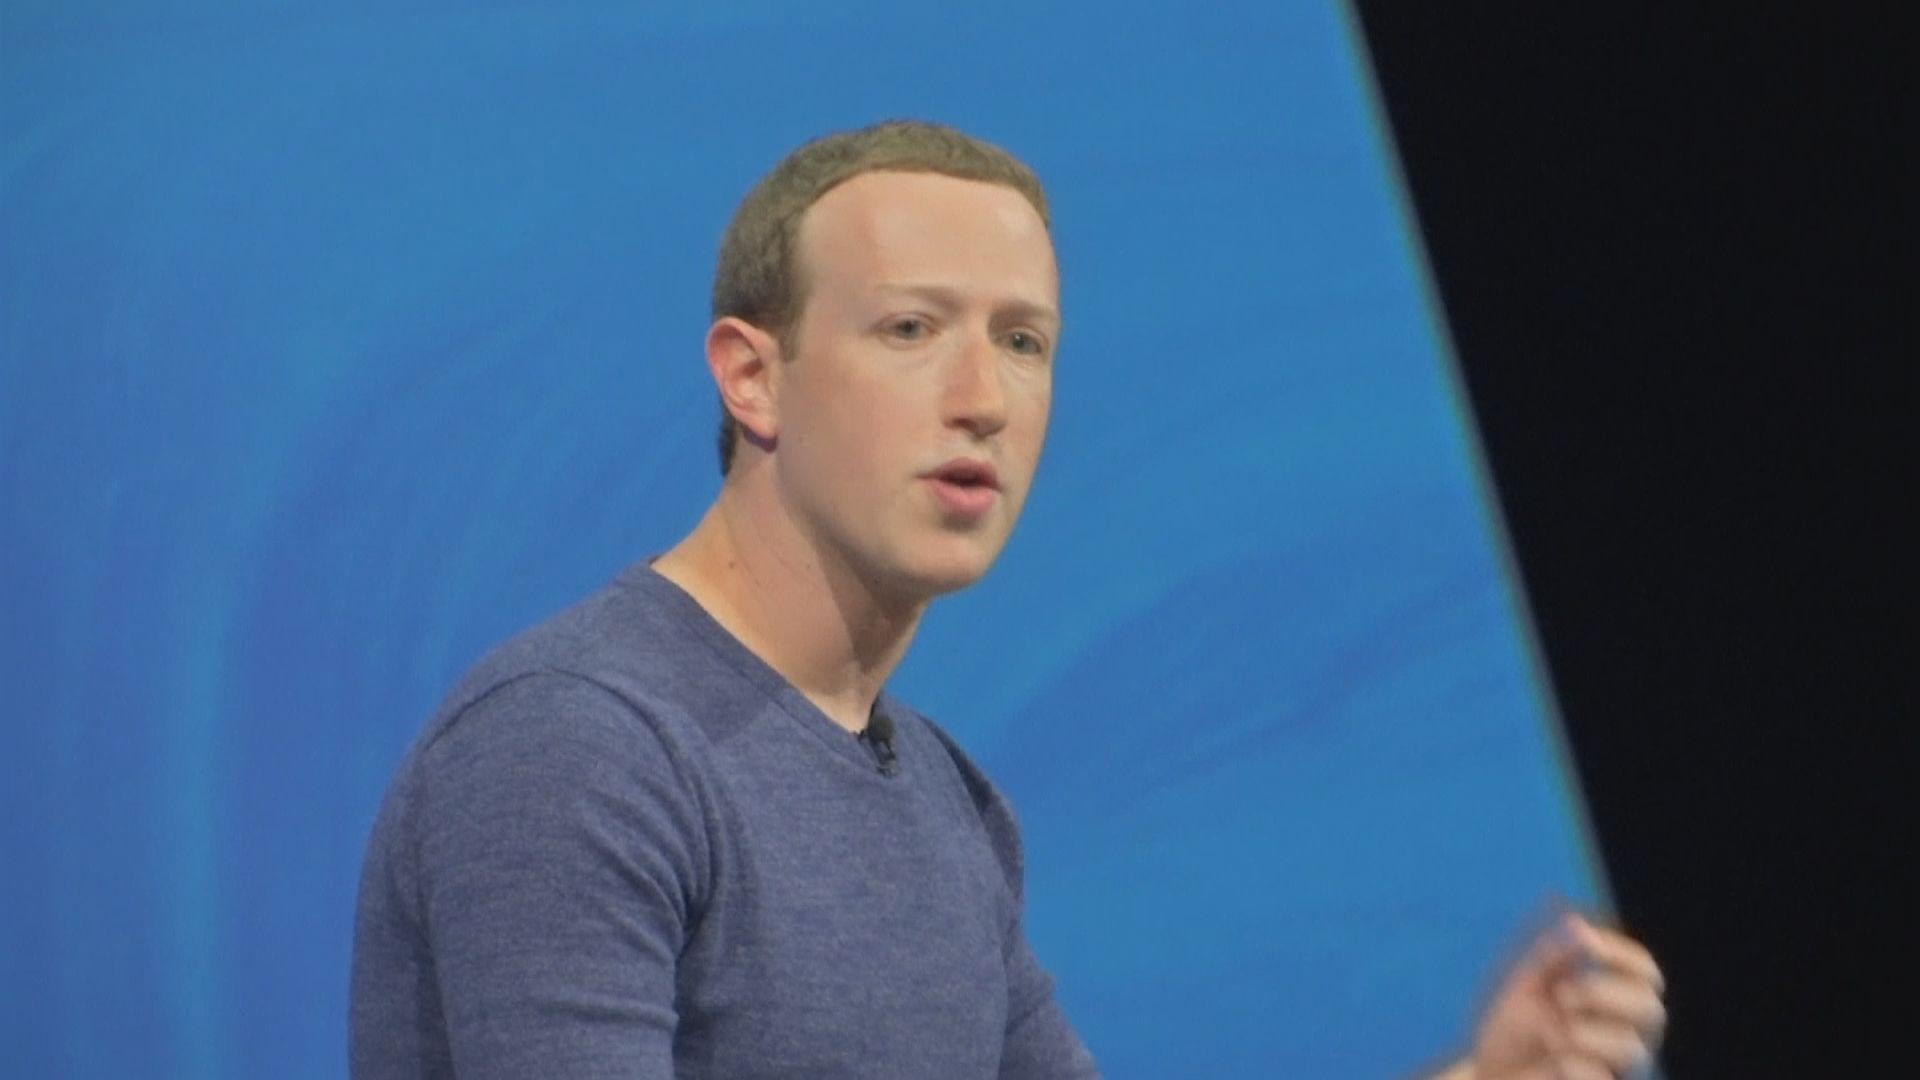 有廣告商和品牌杯葛Facebook不滿縱容特朗普言論